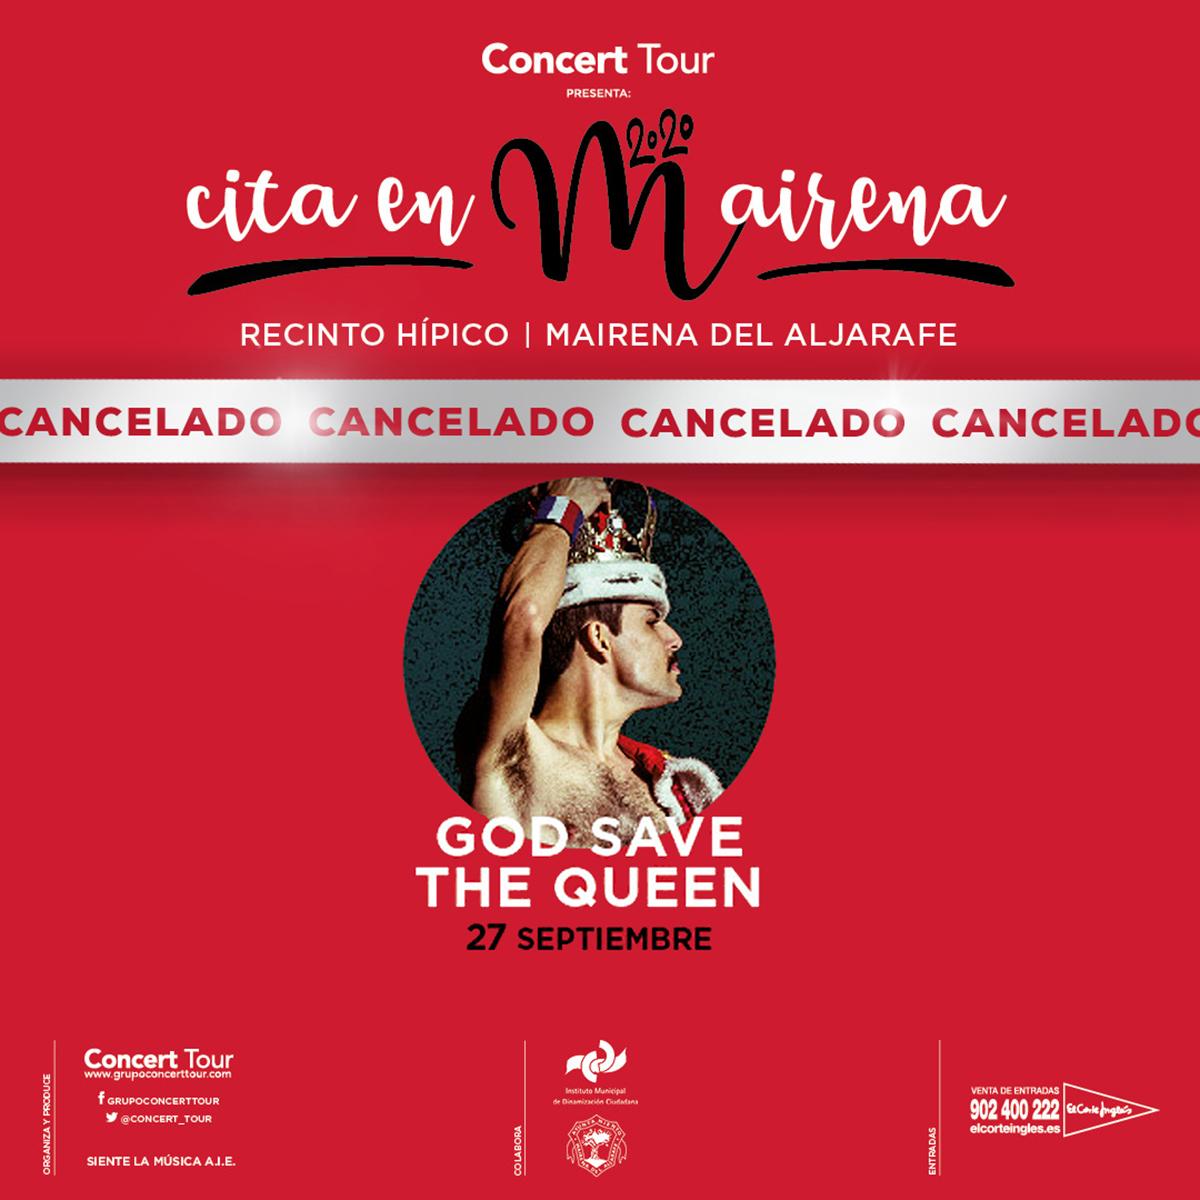 Cancelado el concierto de God Save The Queen previsto para el 27 de septiembre de 2020 en Cita en Mairena. Se procederá al reembolso de todas las entradas.